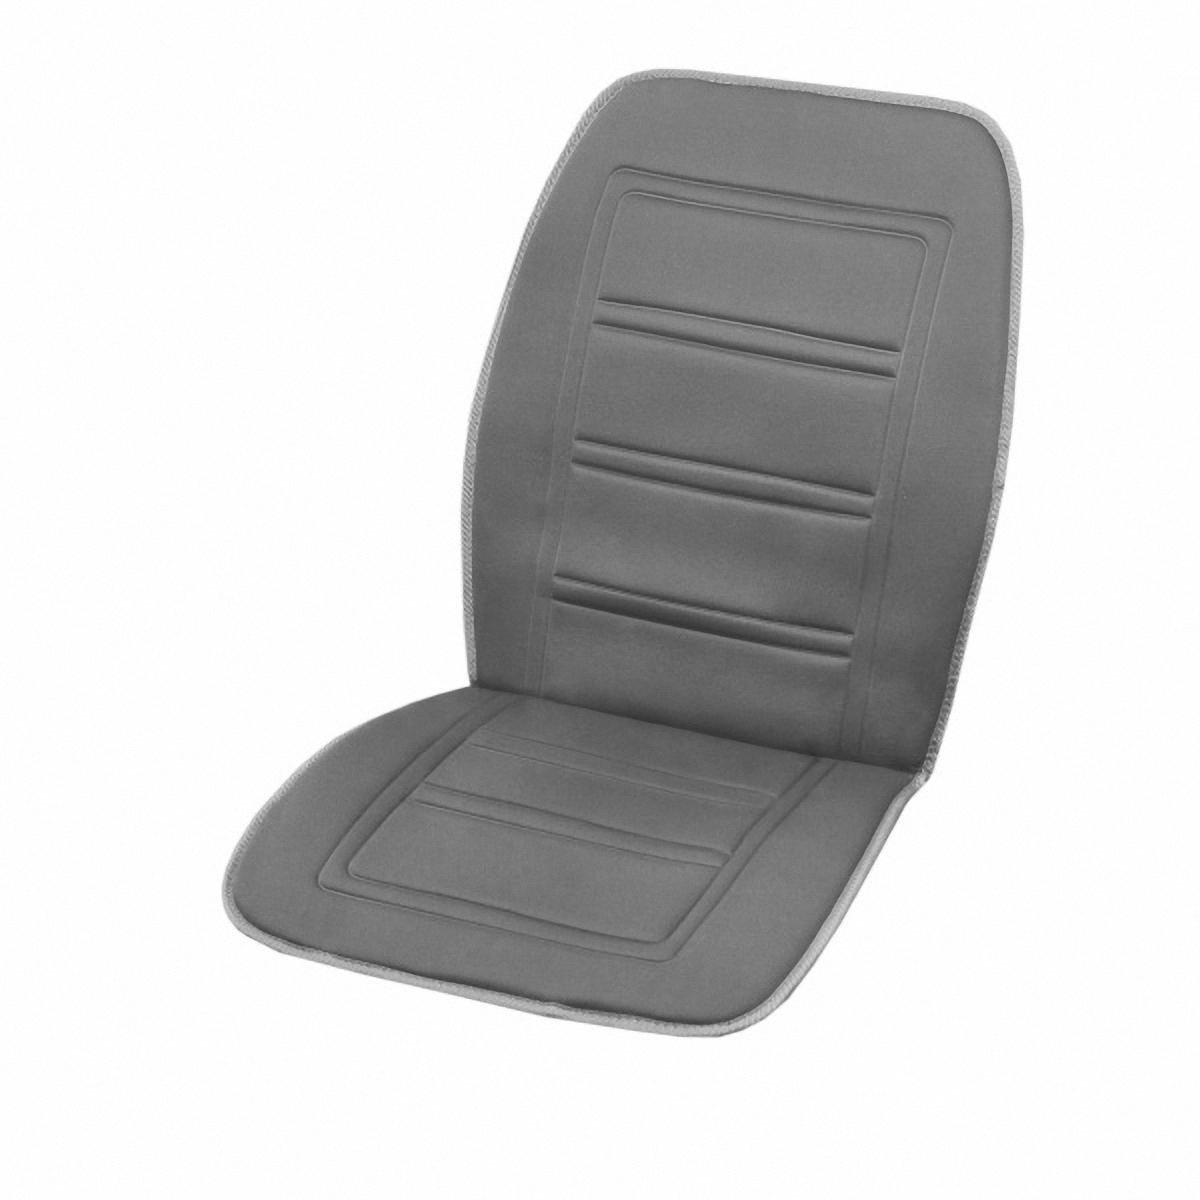 Чехол автомобильный Skyway, с подогревом, цвет: серый, 95 х 47 см21395599Чехол на сиденье Skyway предназначен для обогрева водителя или пассажира в автомобиле. Особенности:Универсальный размер.Снижает усталость при управлении автомобилем.Обеспечивает комфортное вождение в холодное время года. Простая и быстрая установка.Умеренный и интенсивный режим нагрева.Терморегулятор для изменения интенсивности нагрева.Защита крепления шнура питания к подогреву.Питание от гнезда прикуривателя 12В.Размер: 95 х 47 см.